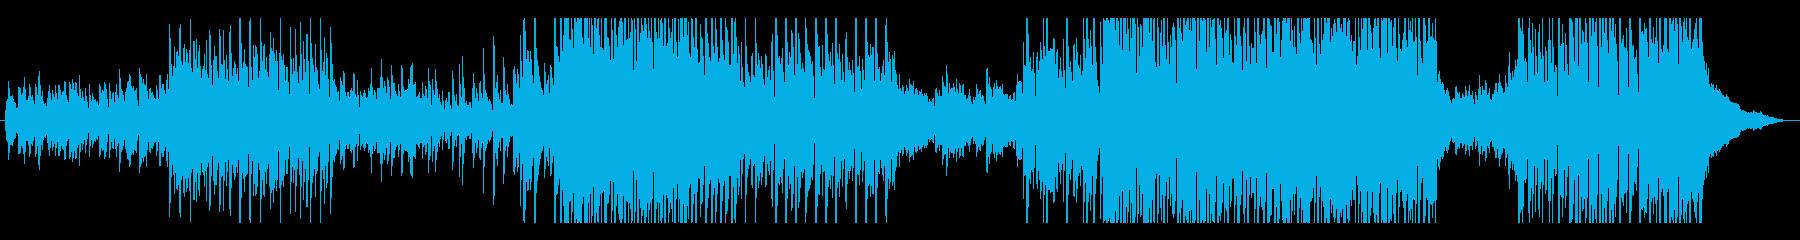 メロディ重視のアコースティック曲の再生済みの波形